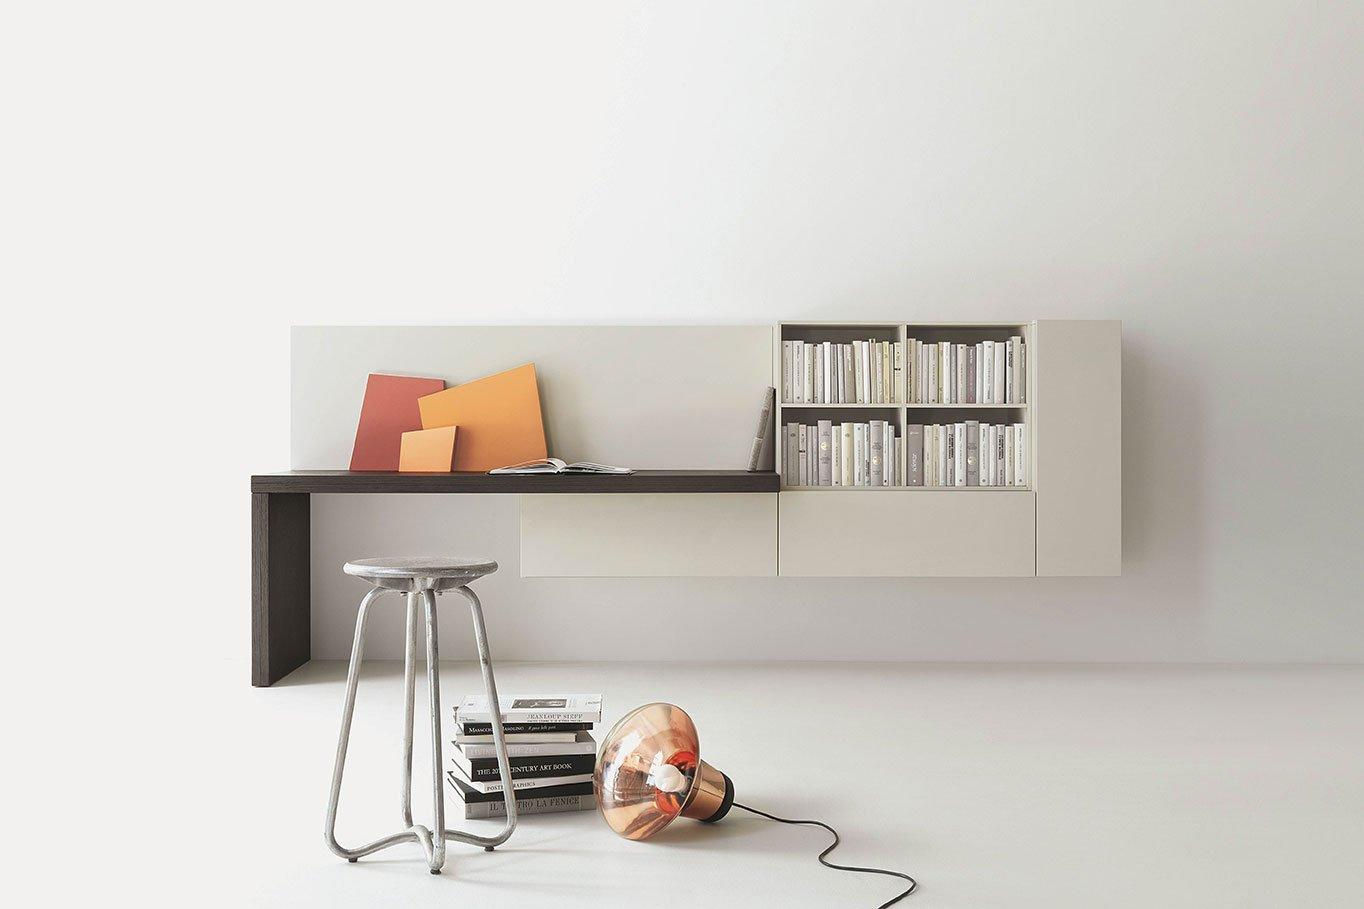 Lavorare comodamente da casa: ecco la scrivania